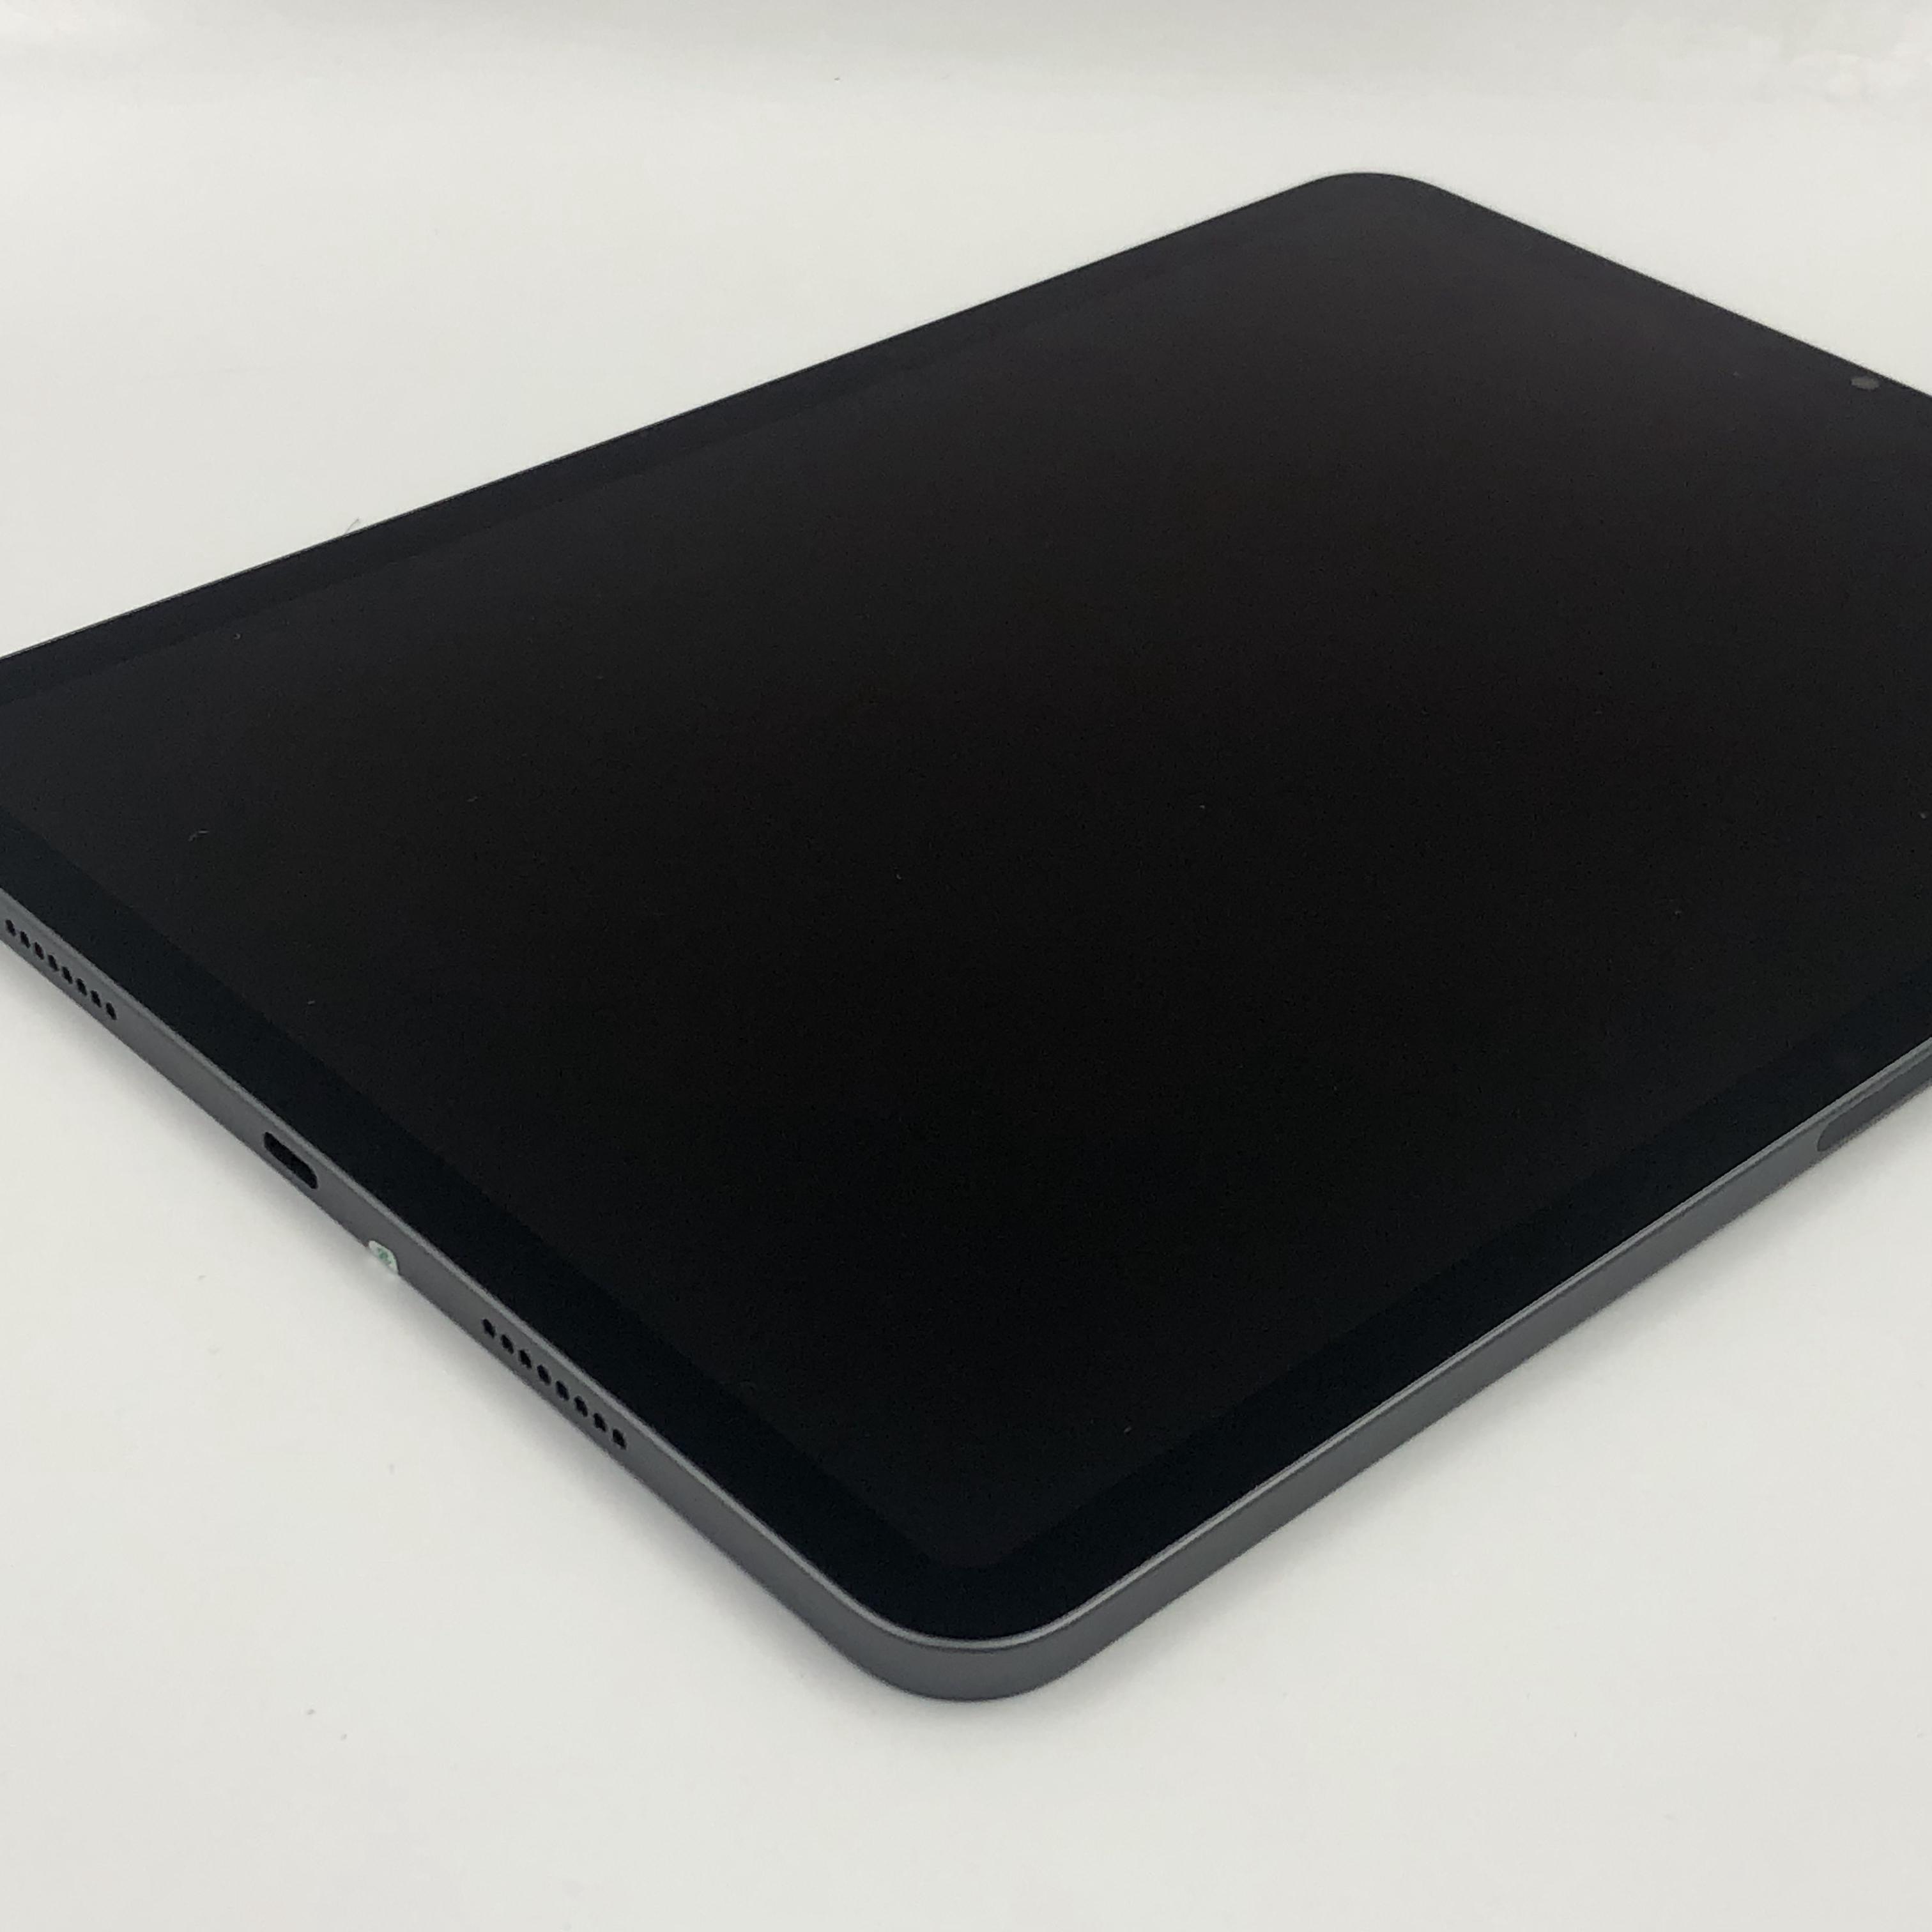 苹果【iPad Pro 11英寸 21款】WIFI版 深空灰 128G 国行 99新 真机实拍保修2022-06-04